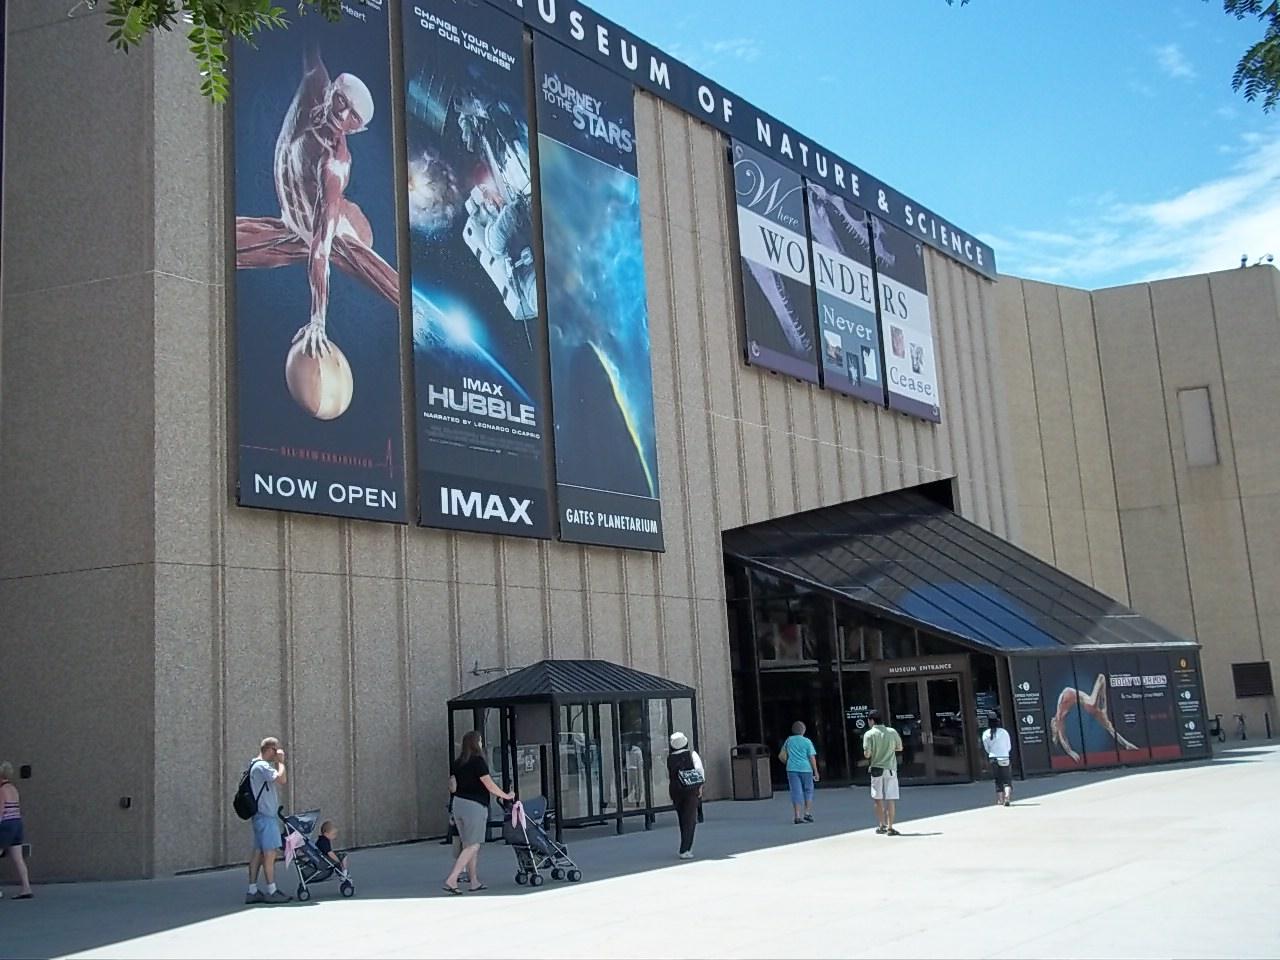 Colorado Museum Of Nature And Science Planetarium